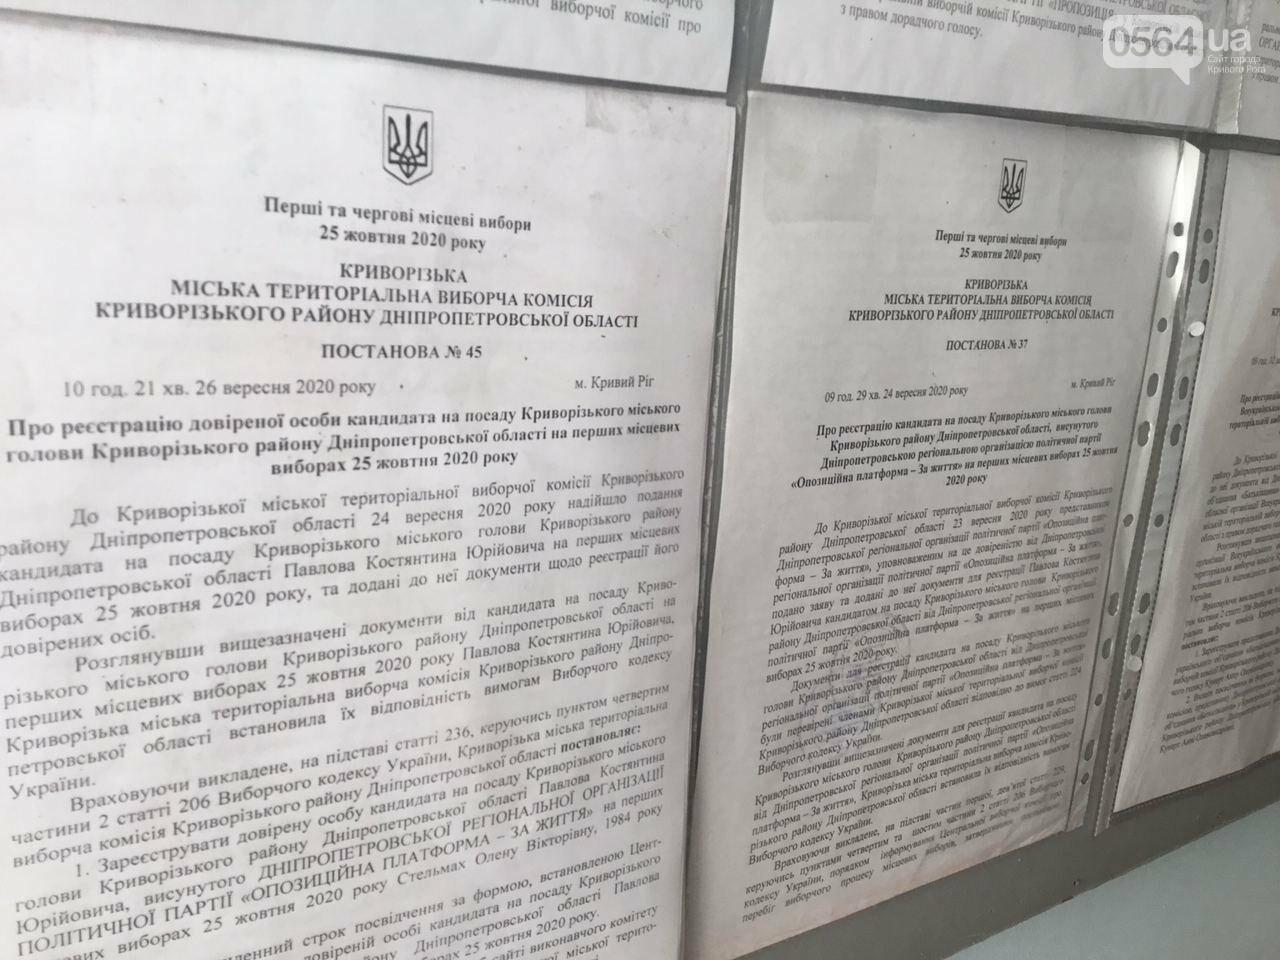 9 кандидатов в мэры и 7 партийных списков, - кого в Кривом Роге зарегистрировали кандидатами в градоначальники, - ФОТО, ВИДЕО, фото-11